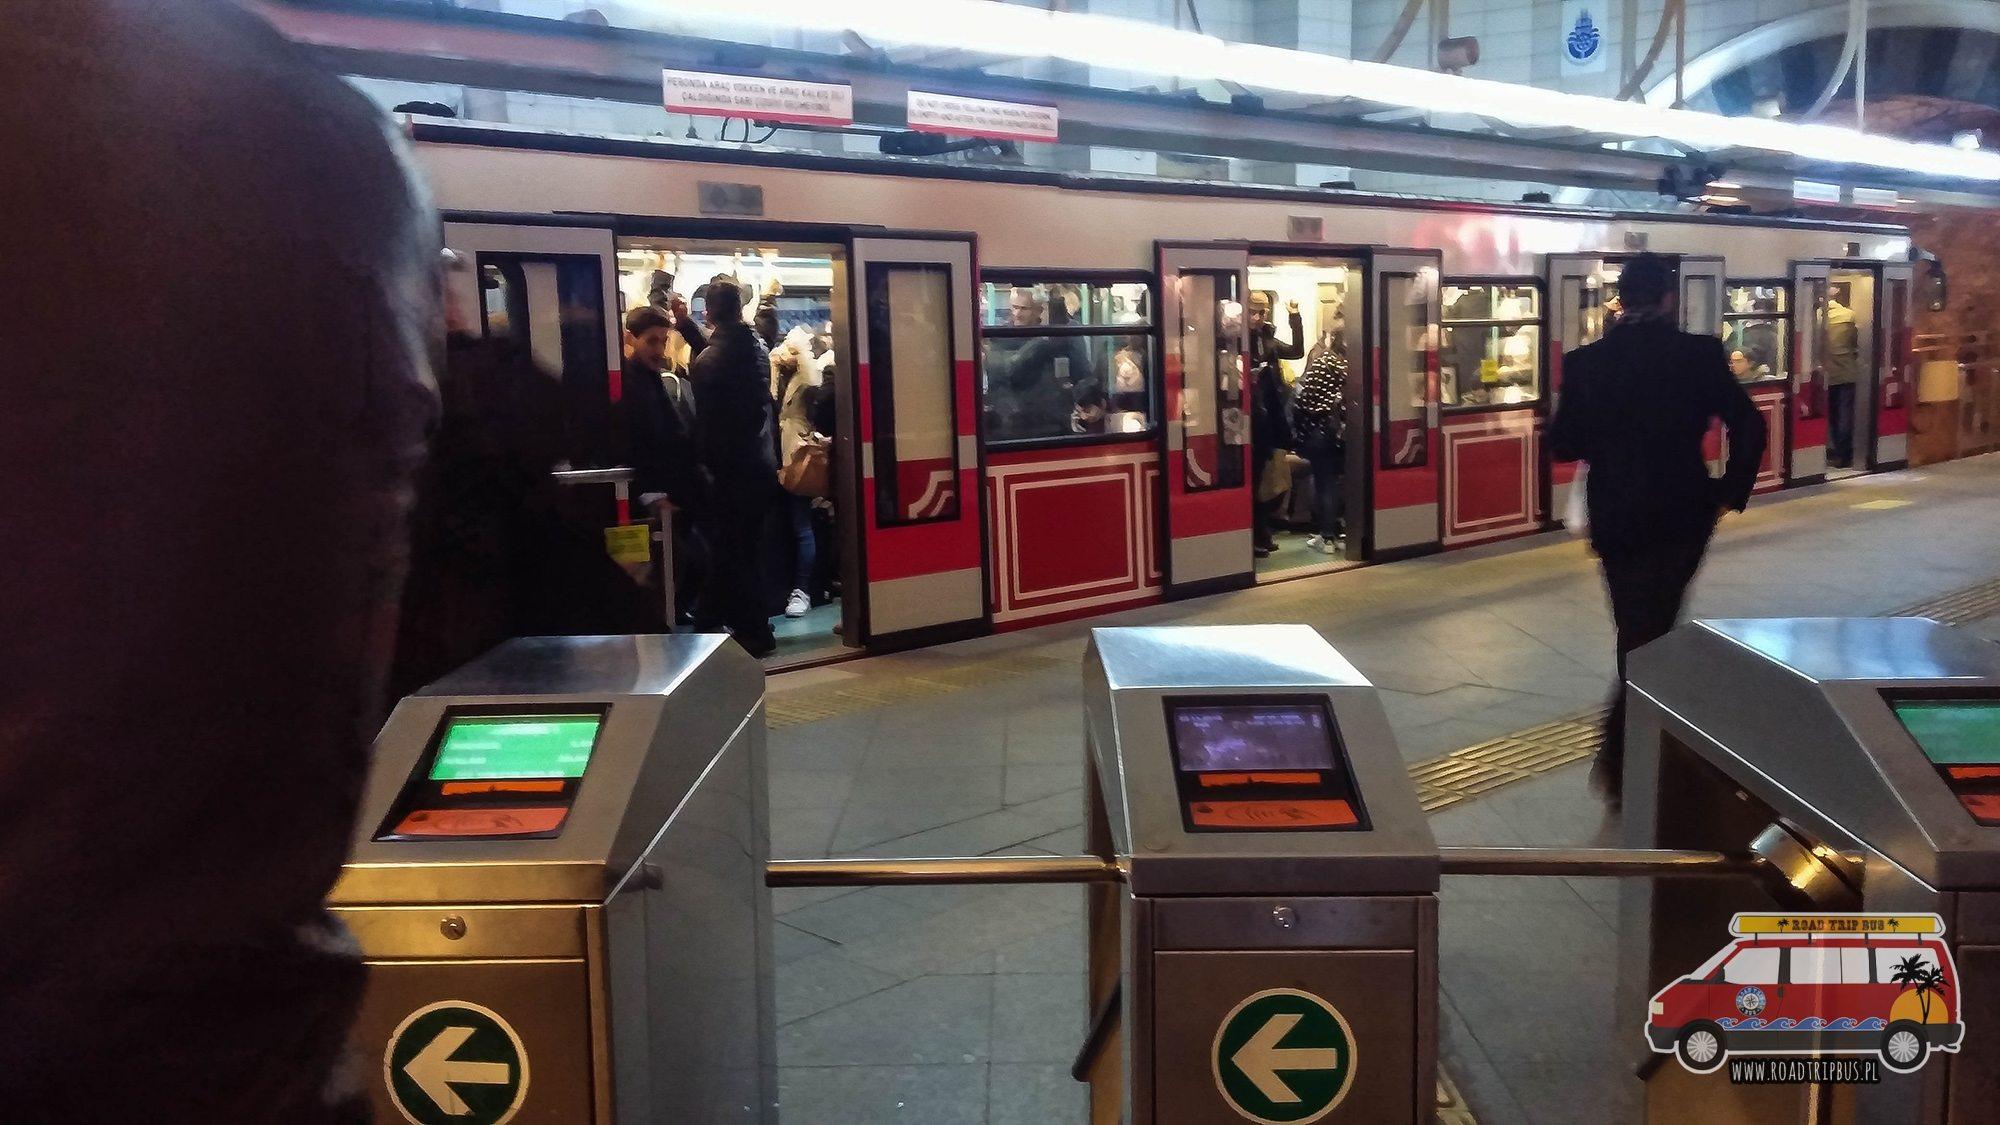 bramki transport publiczny stambuł